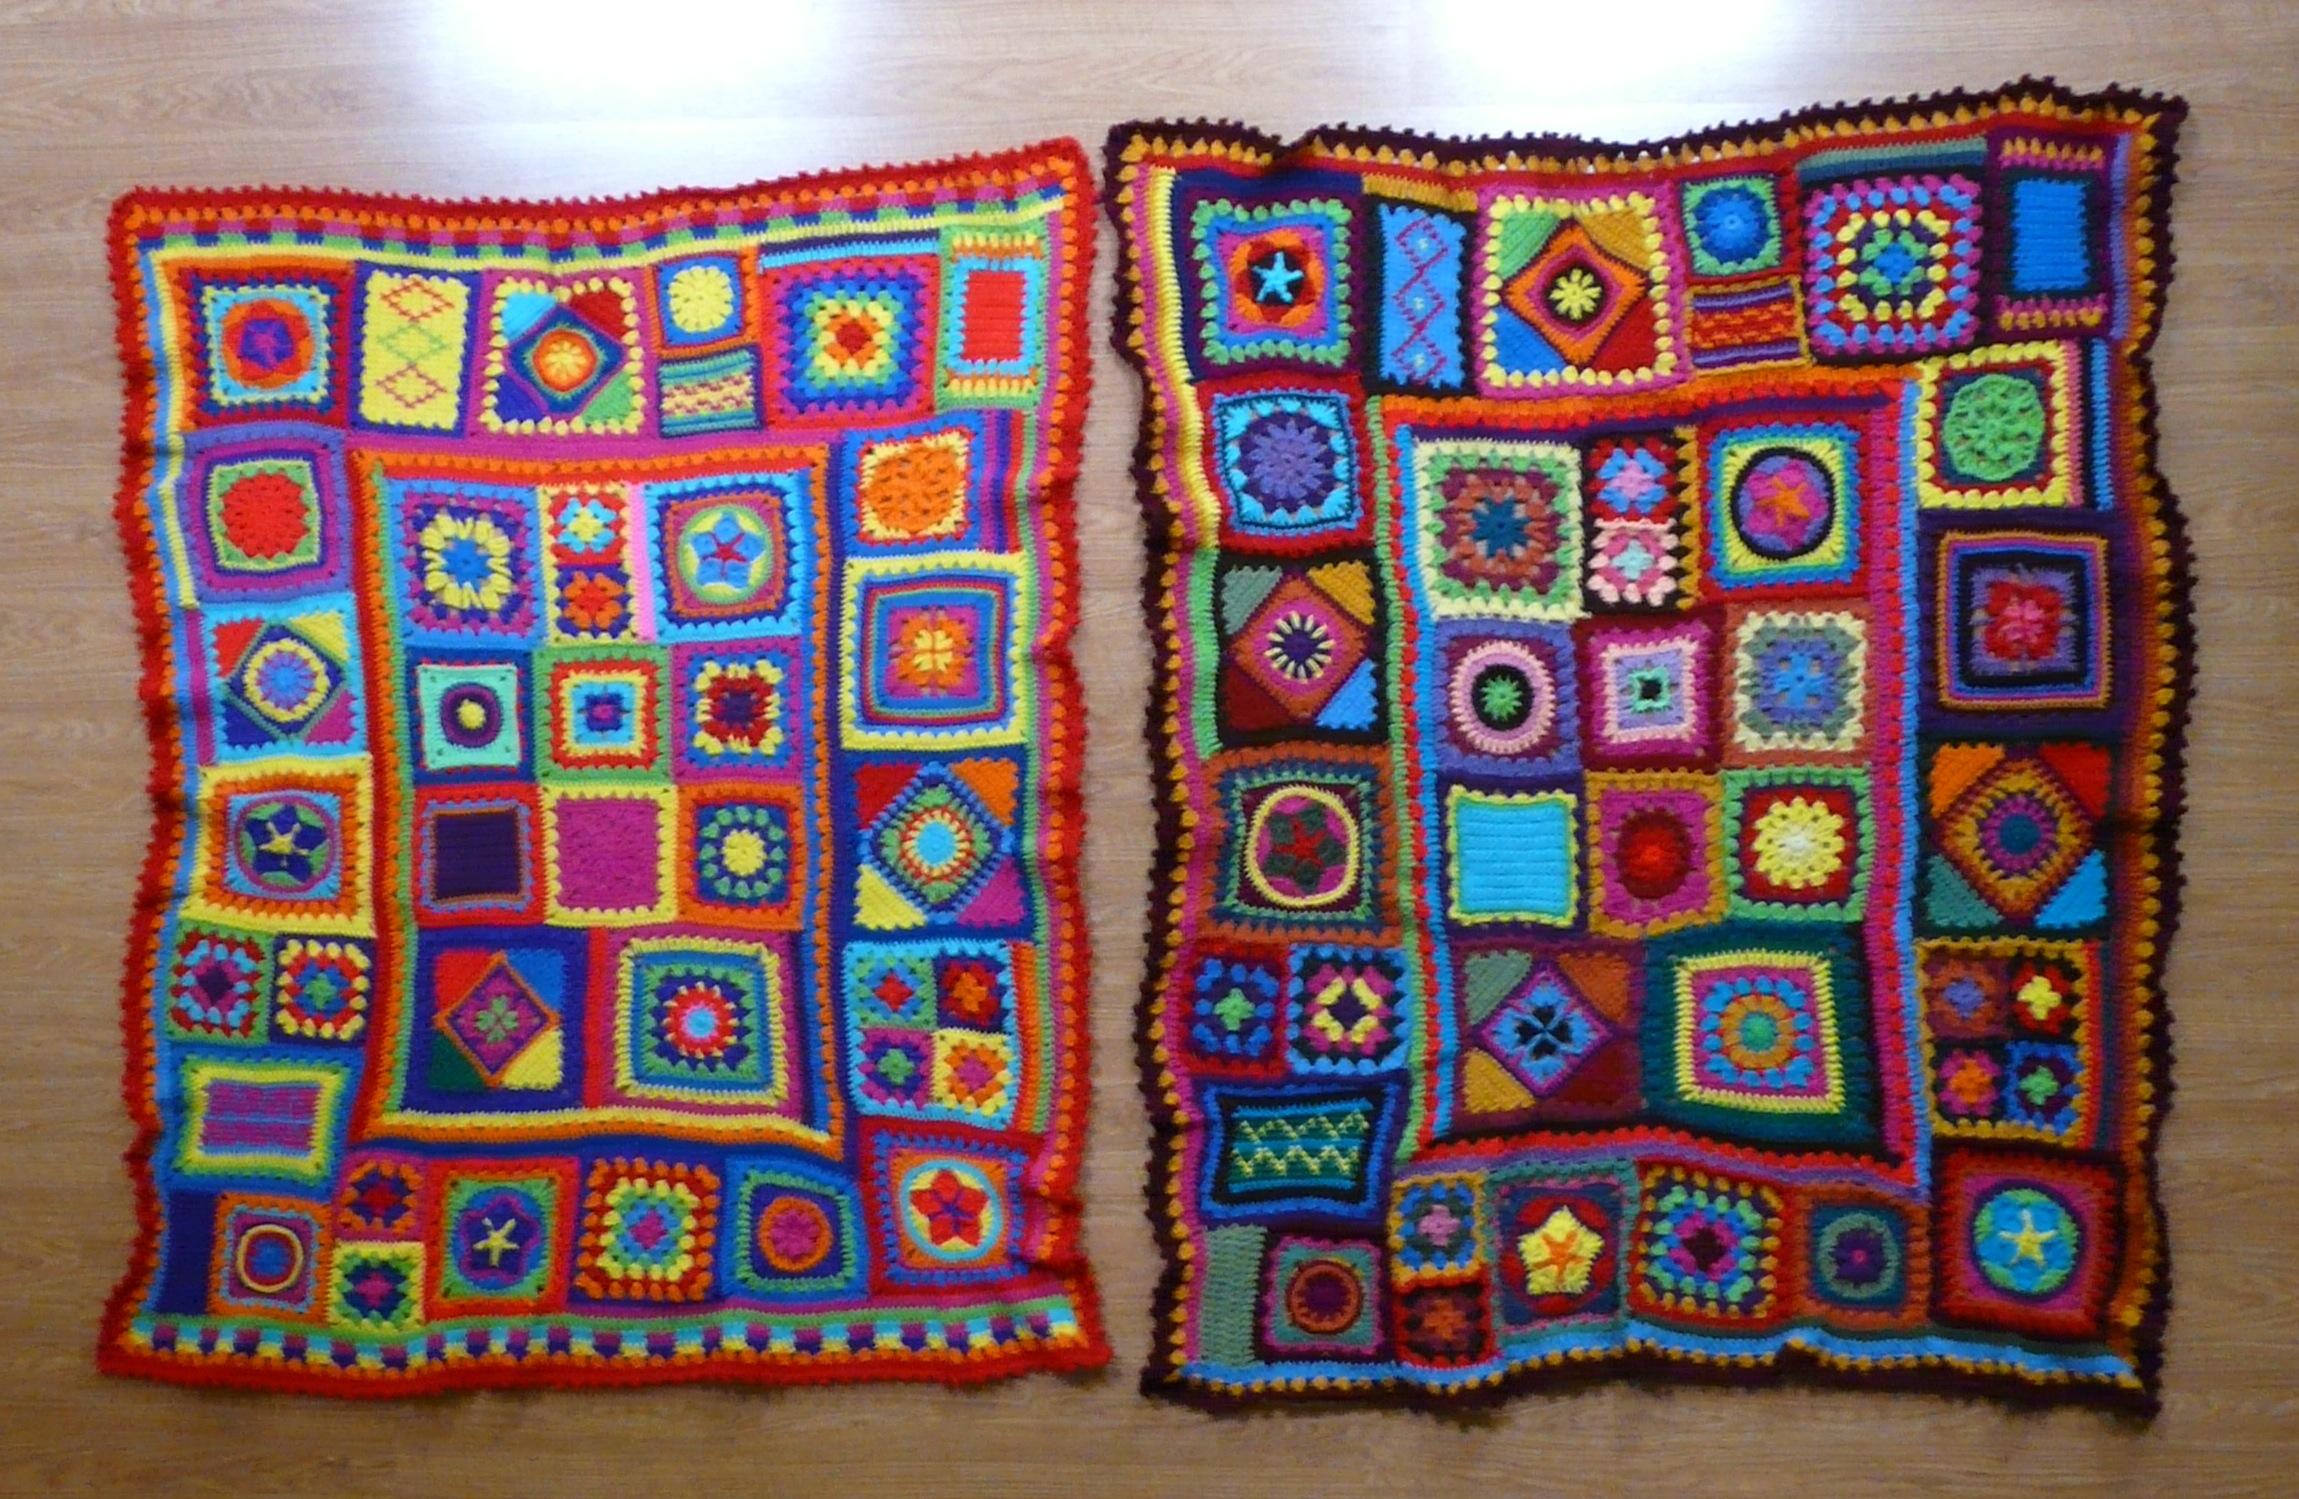 Free Crochet Pattern For Granny Square Sampler : granny square sampler Archives - Crochetbug